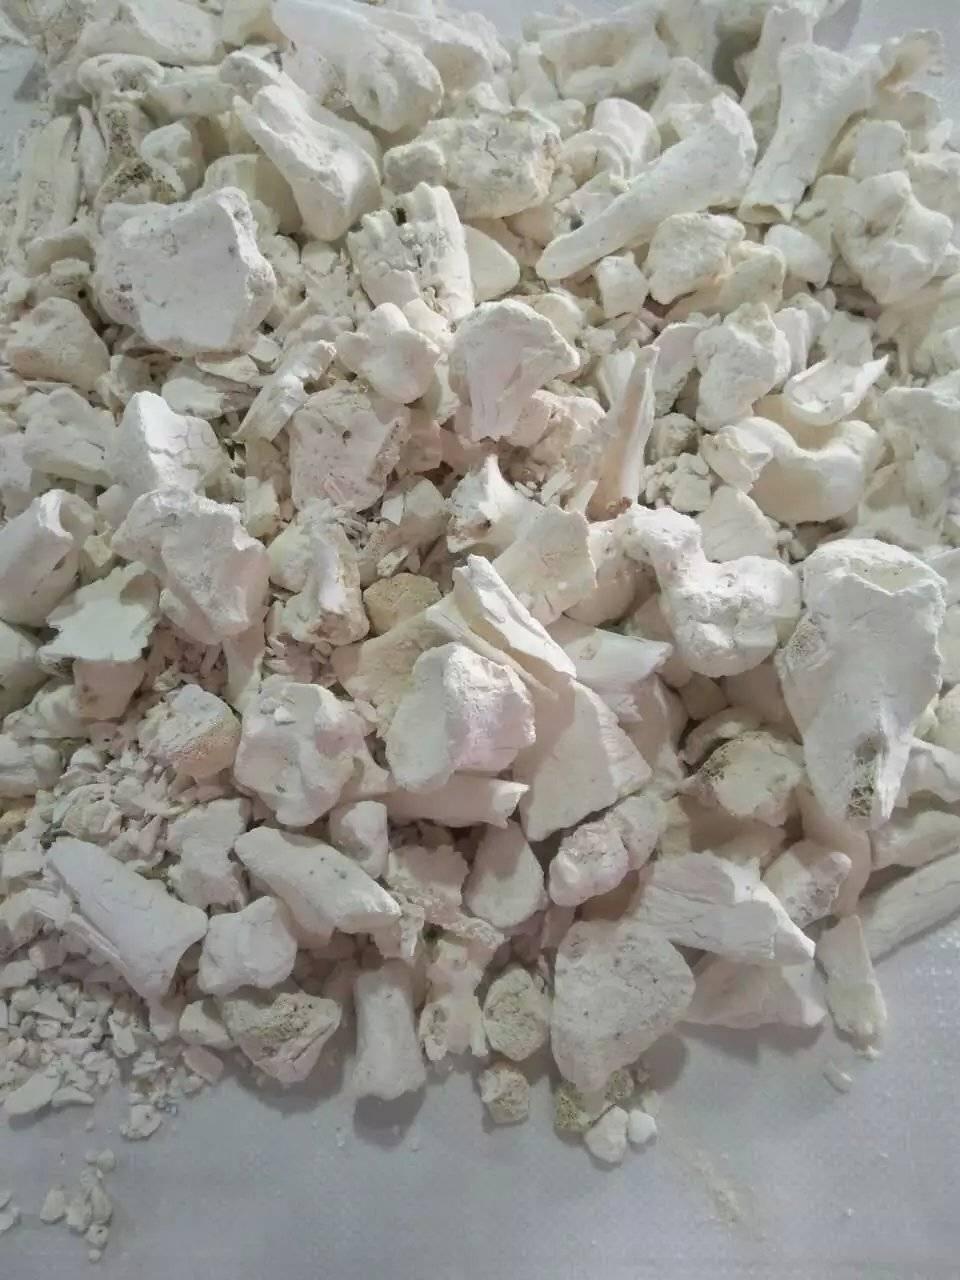 bone ash or powder used in animal feed additive